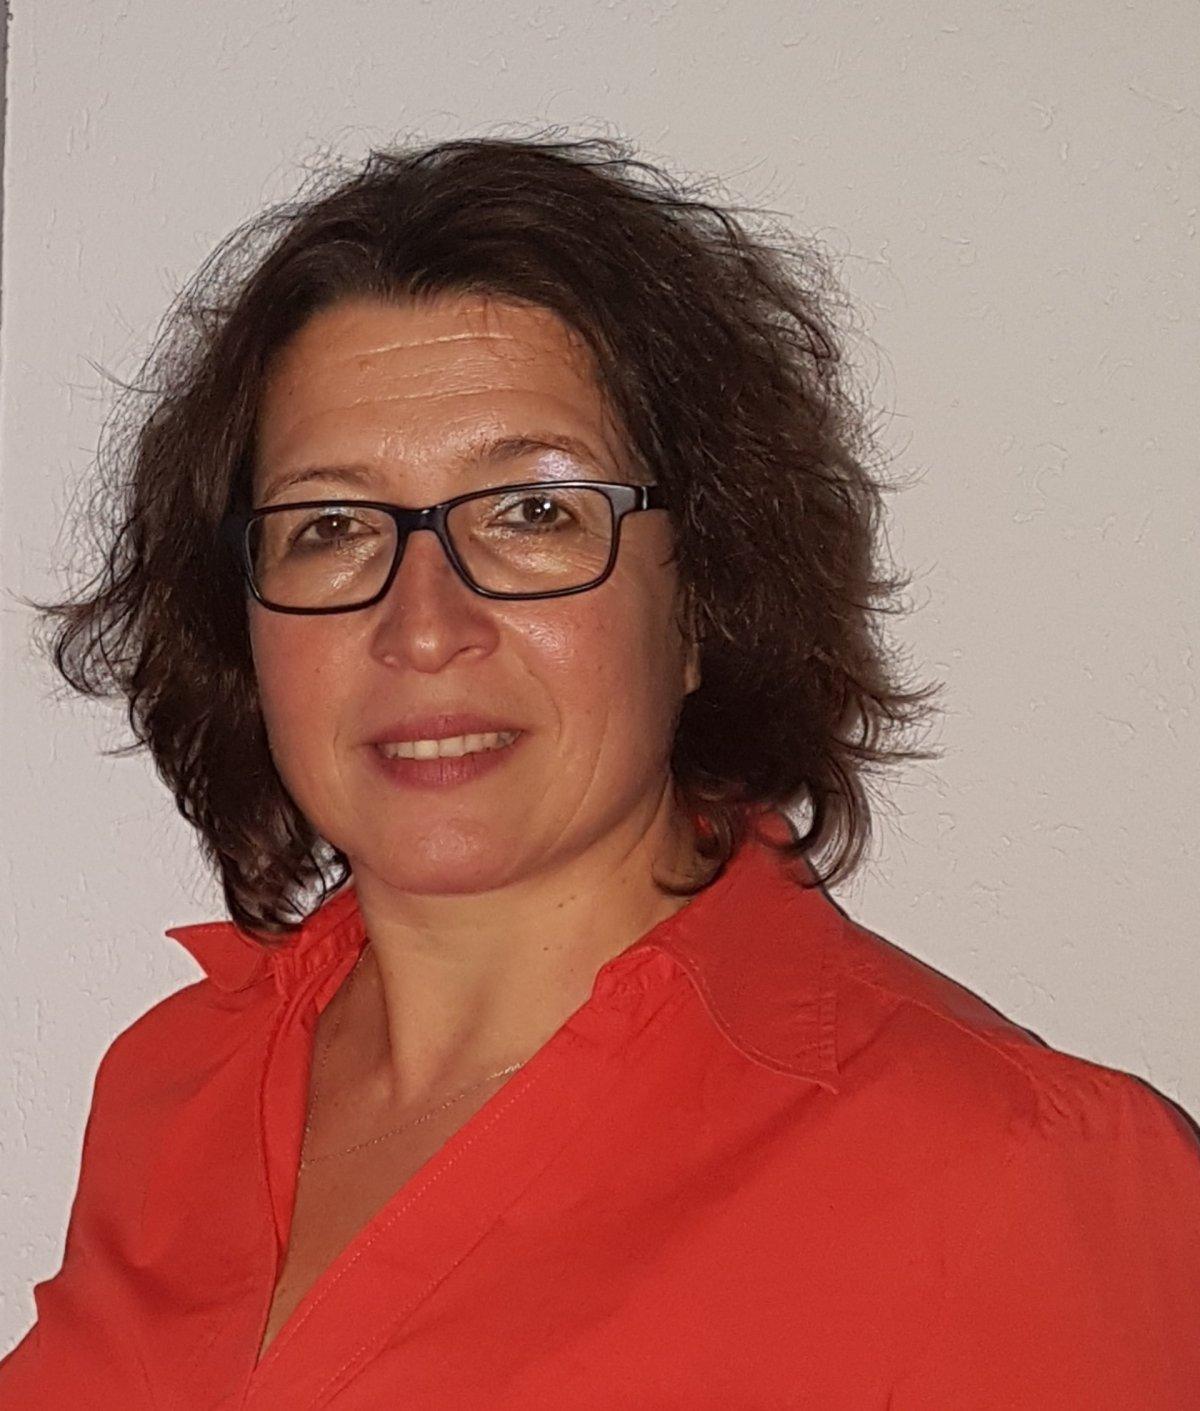 Auf dem Foto sieht man Zoe Bonidis aus Keltern Dietlingen vor einem hellen Hintergrund. Sie hat braune kinnlange Haare und trägt eine eckige dunkle Brille. Dazu hat sie auf dem Foto eine rote Bluse an.